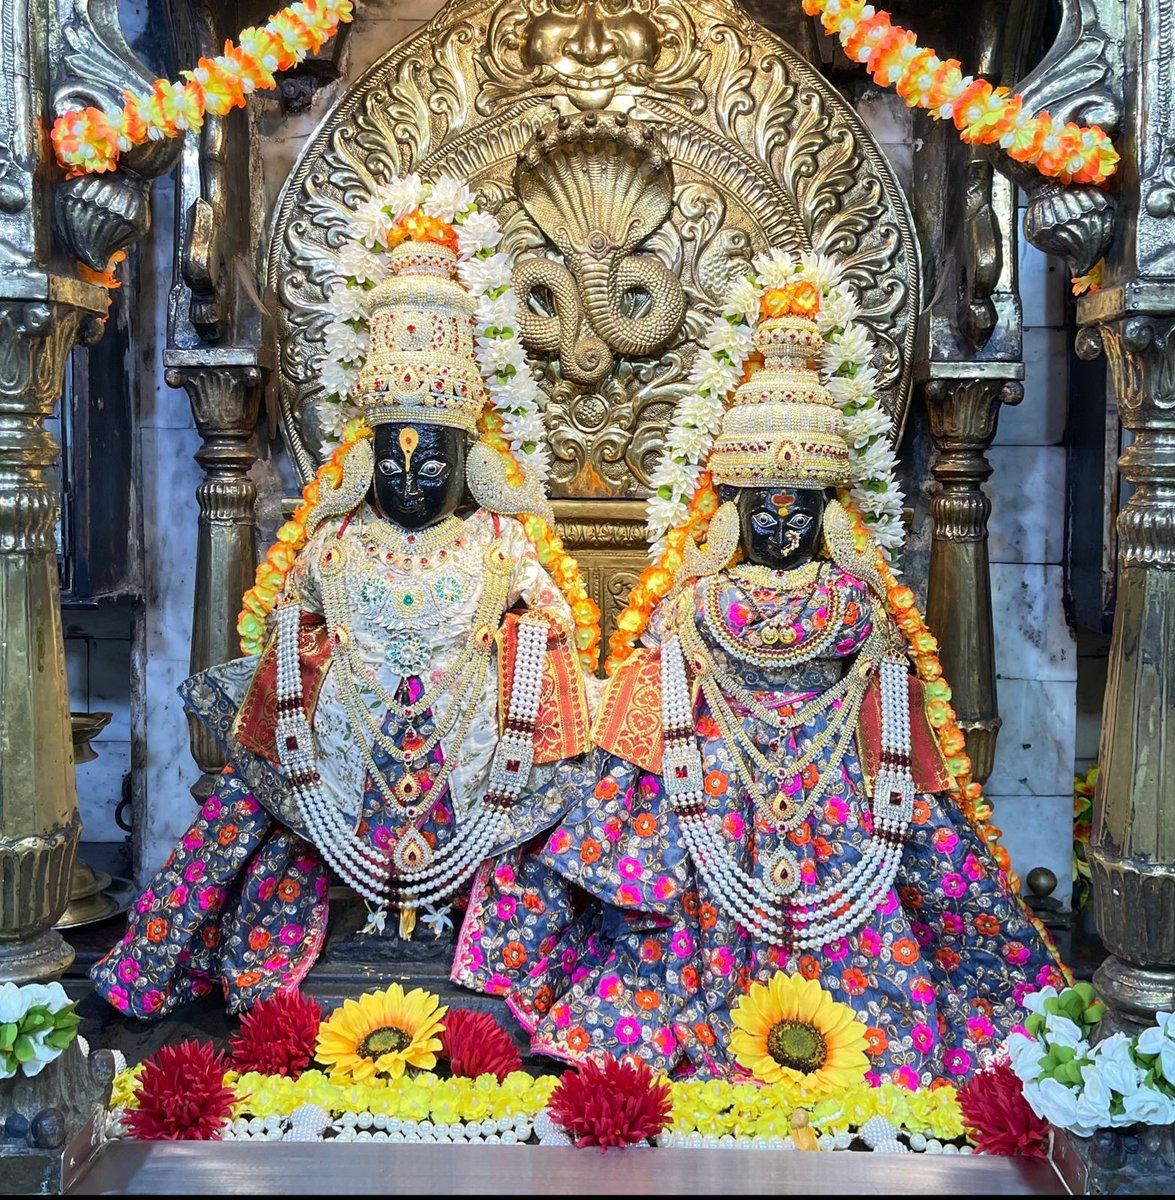 @SrBachchan: T 4028 – श्री विठ्ठल मंदिर, शीव, मुंबई – ४०० ०२२. भाद्रपद शुद्ध सप्तमी, जेष्ठा गौरी पूजन, सोमवार, १३ सप्टेंबर २०२१.